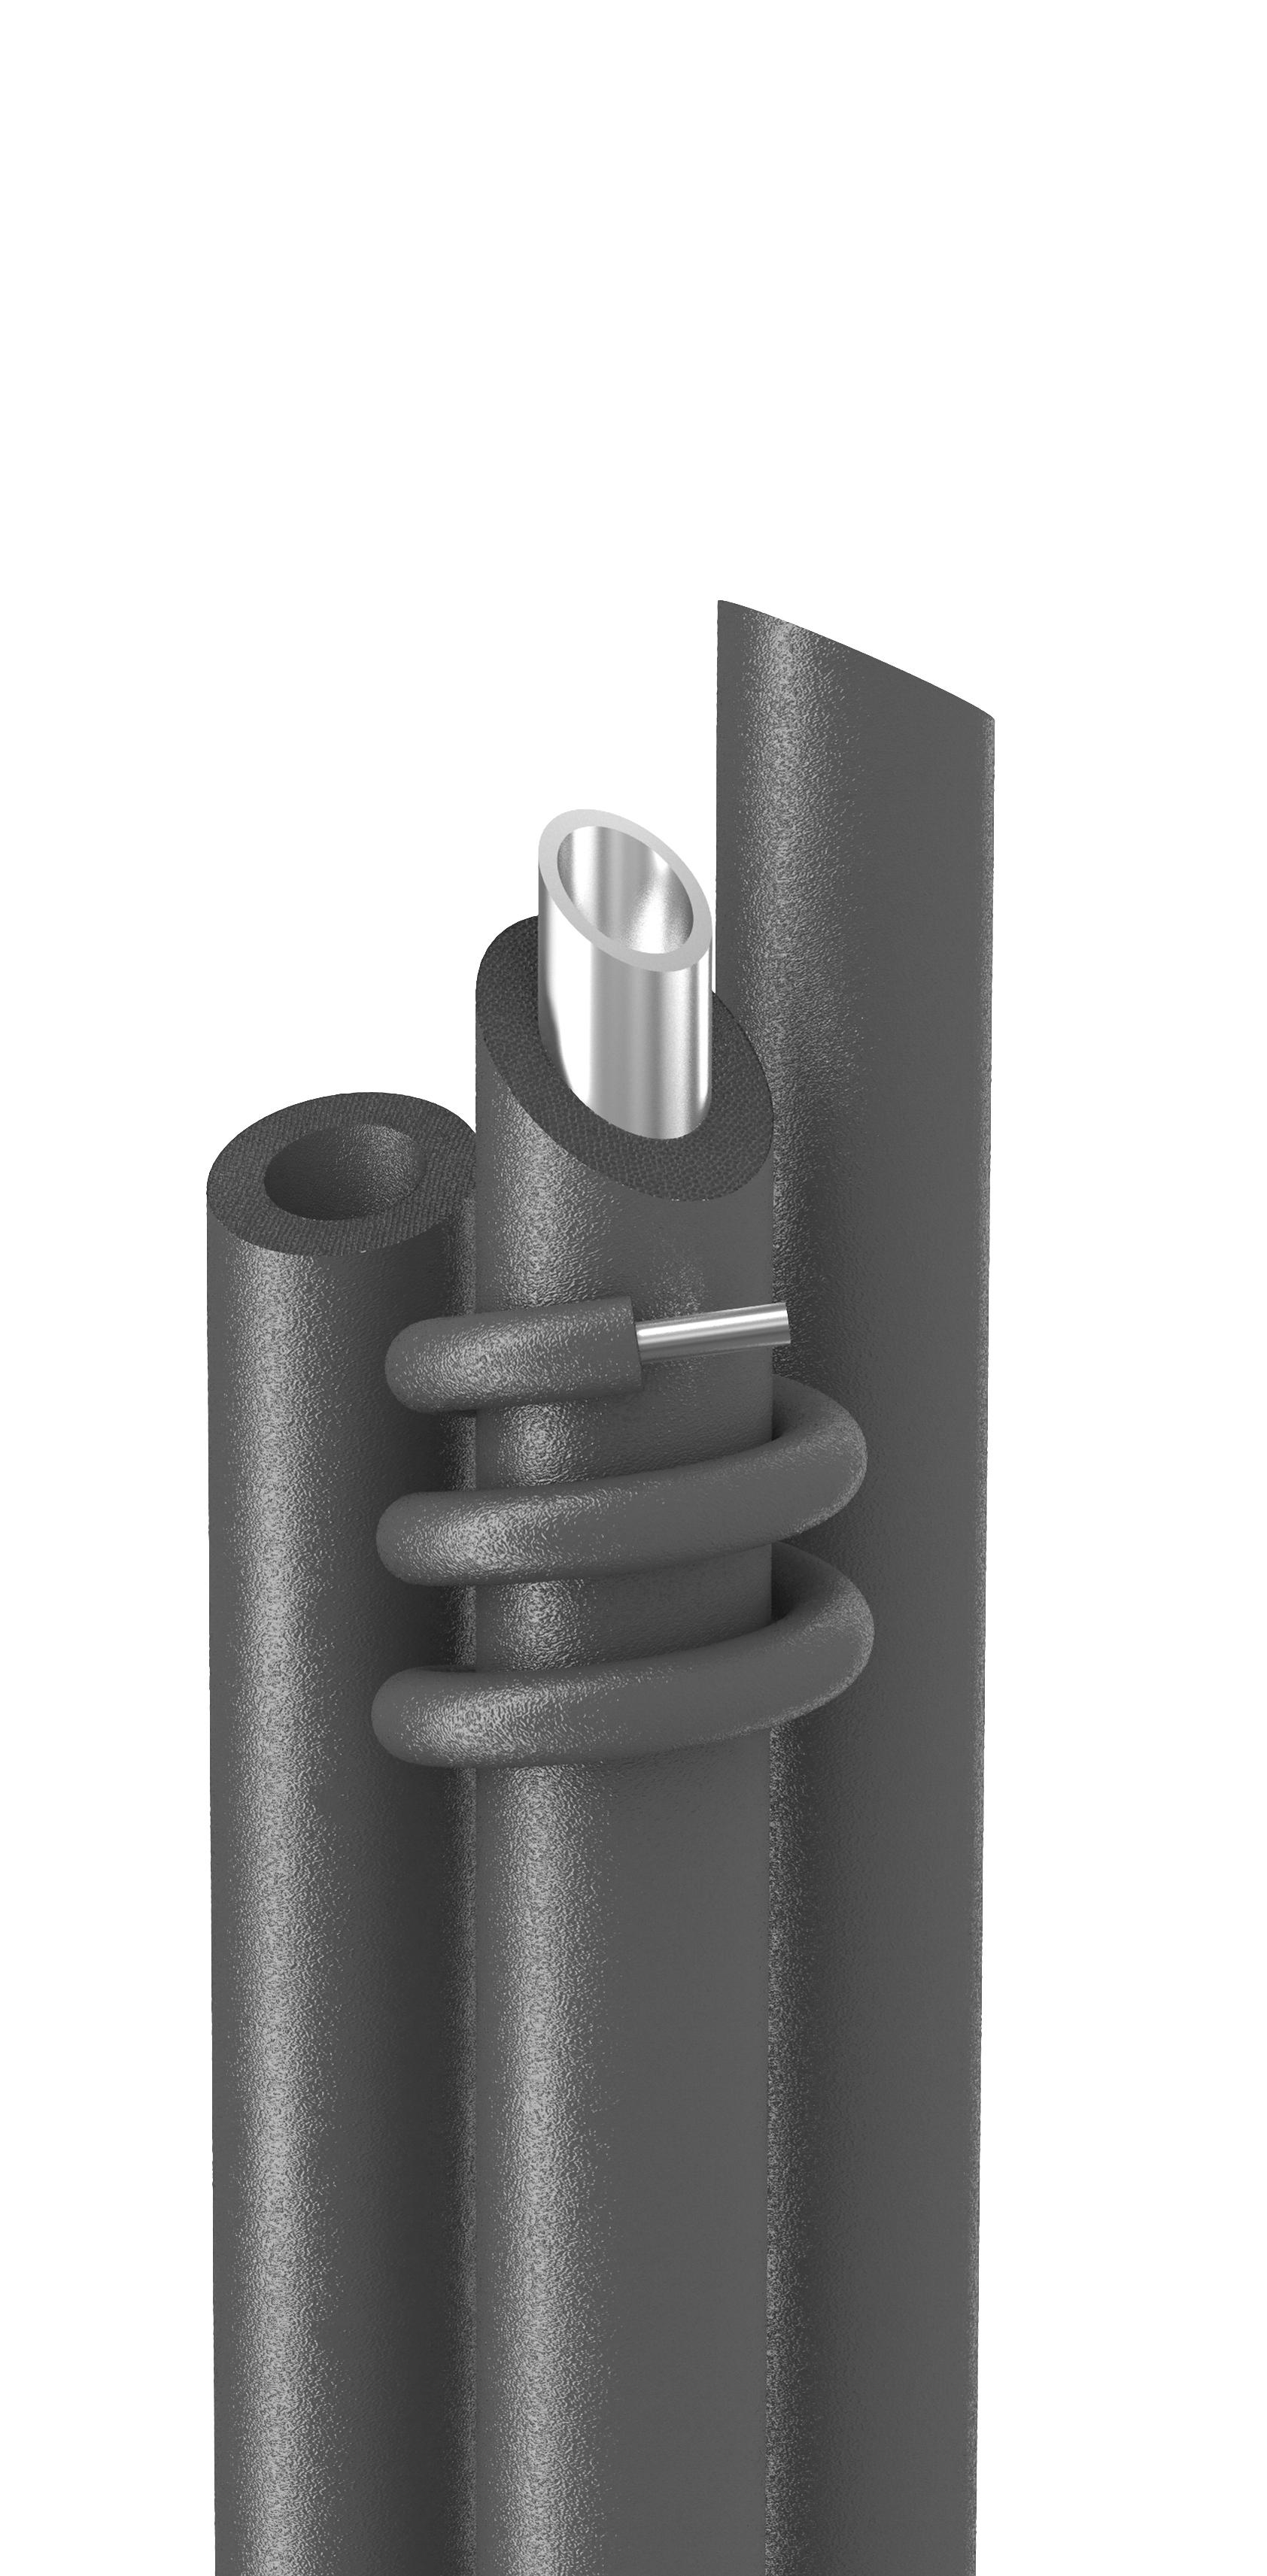 Трубки Energoflex толщ.9мм диам.18